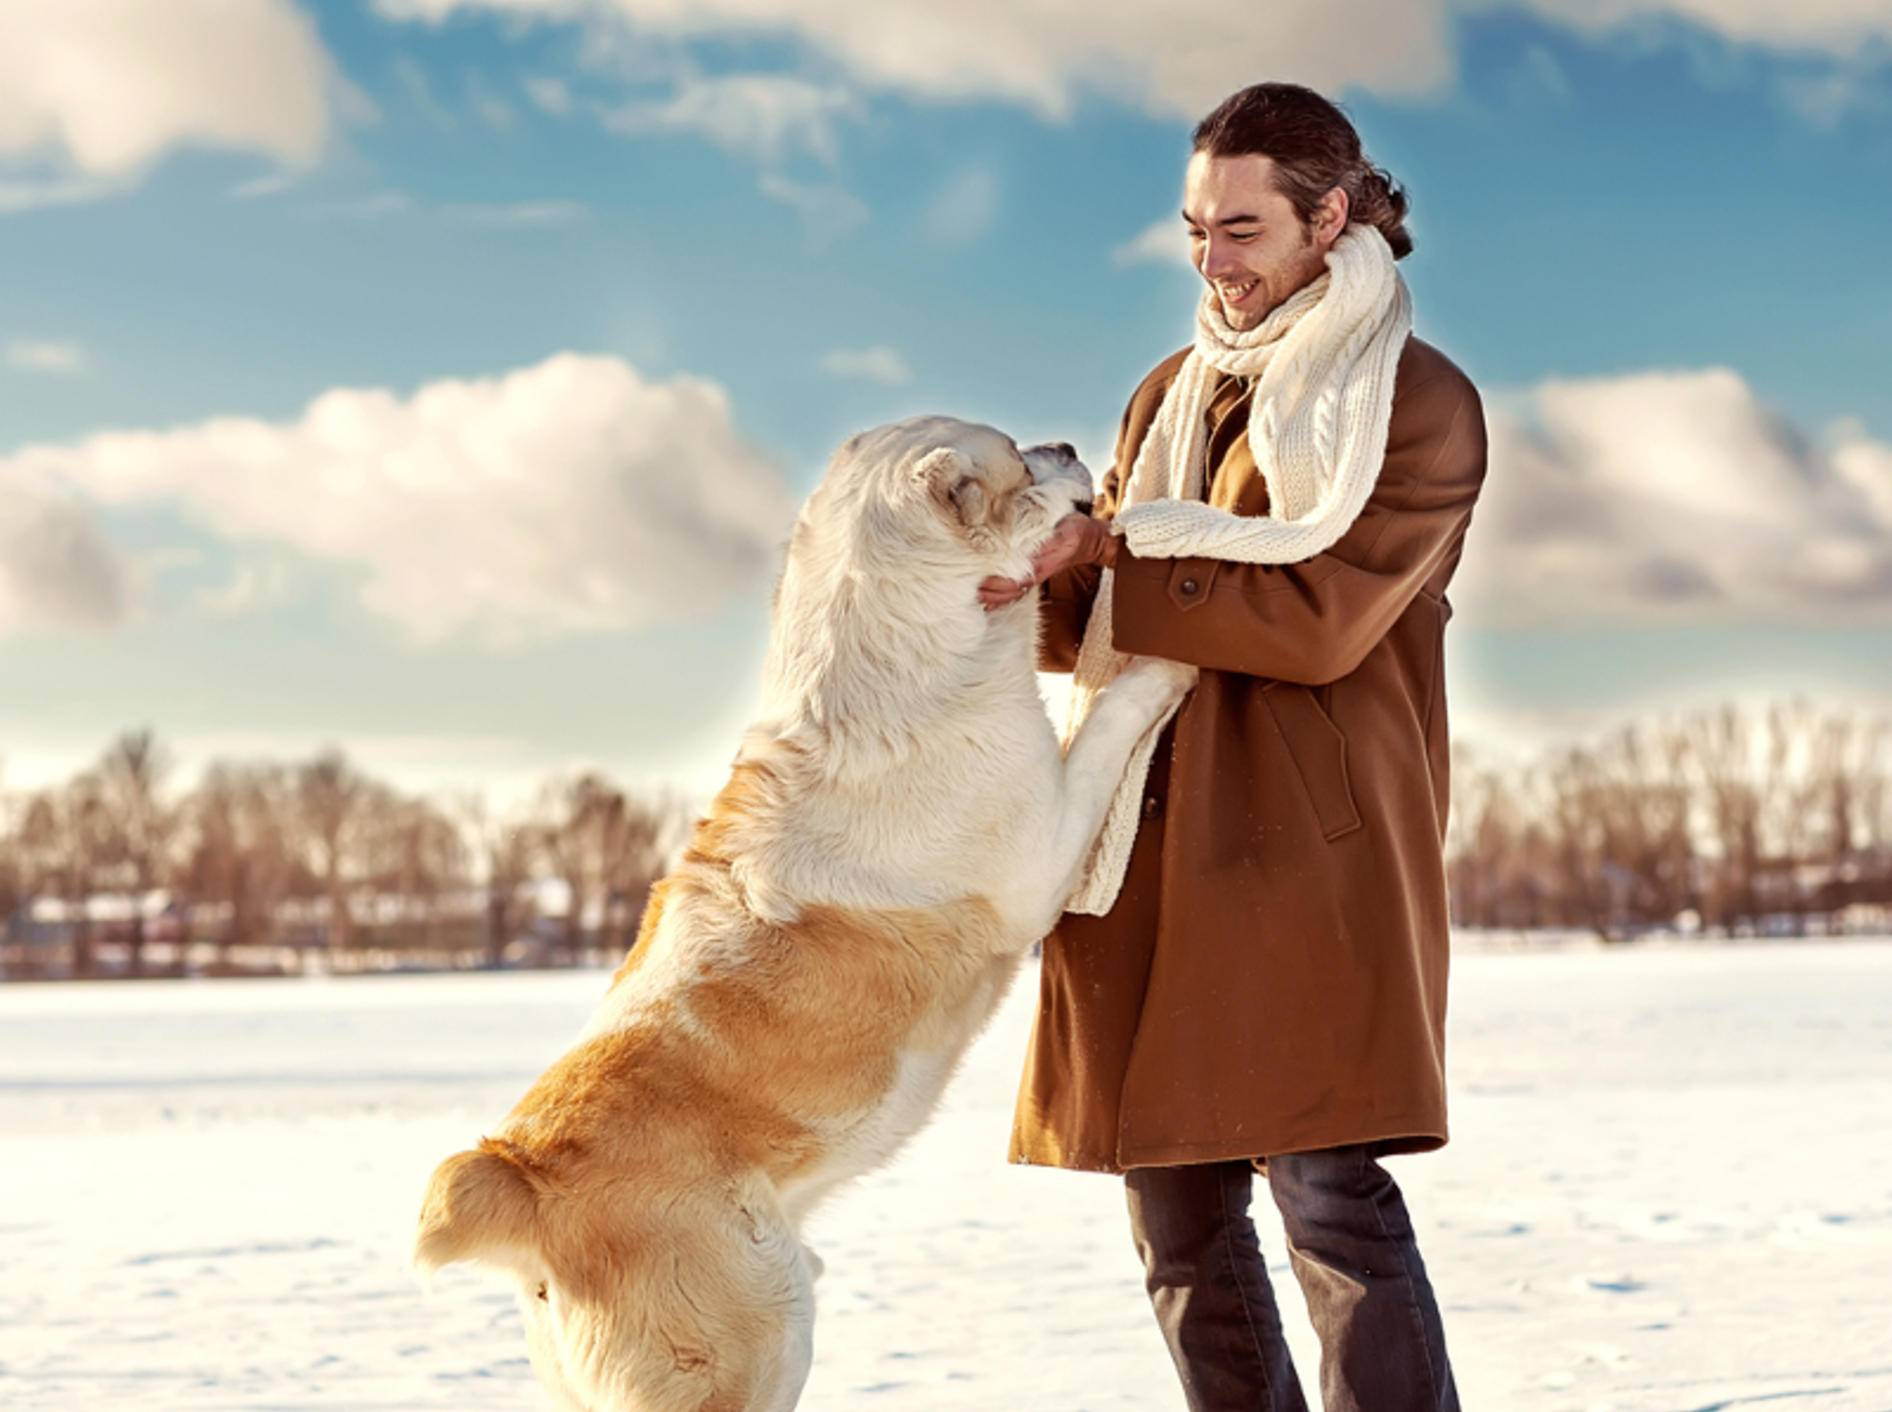 Wie kann man einem Hund das Anspringen abgewöhnen– Bild: Shutterstock/Rock-and-Wasp